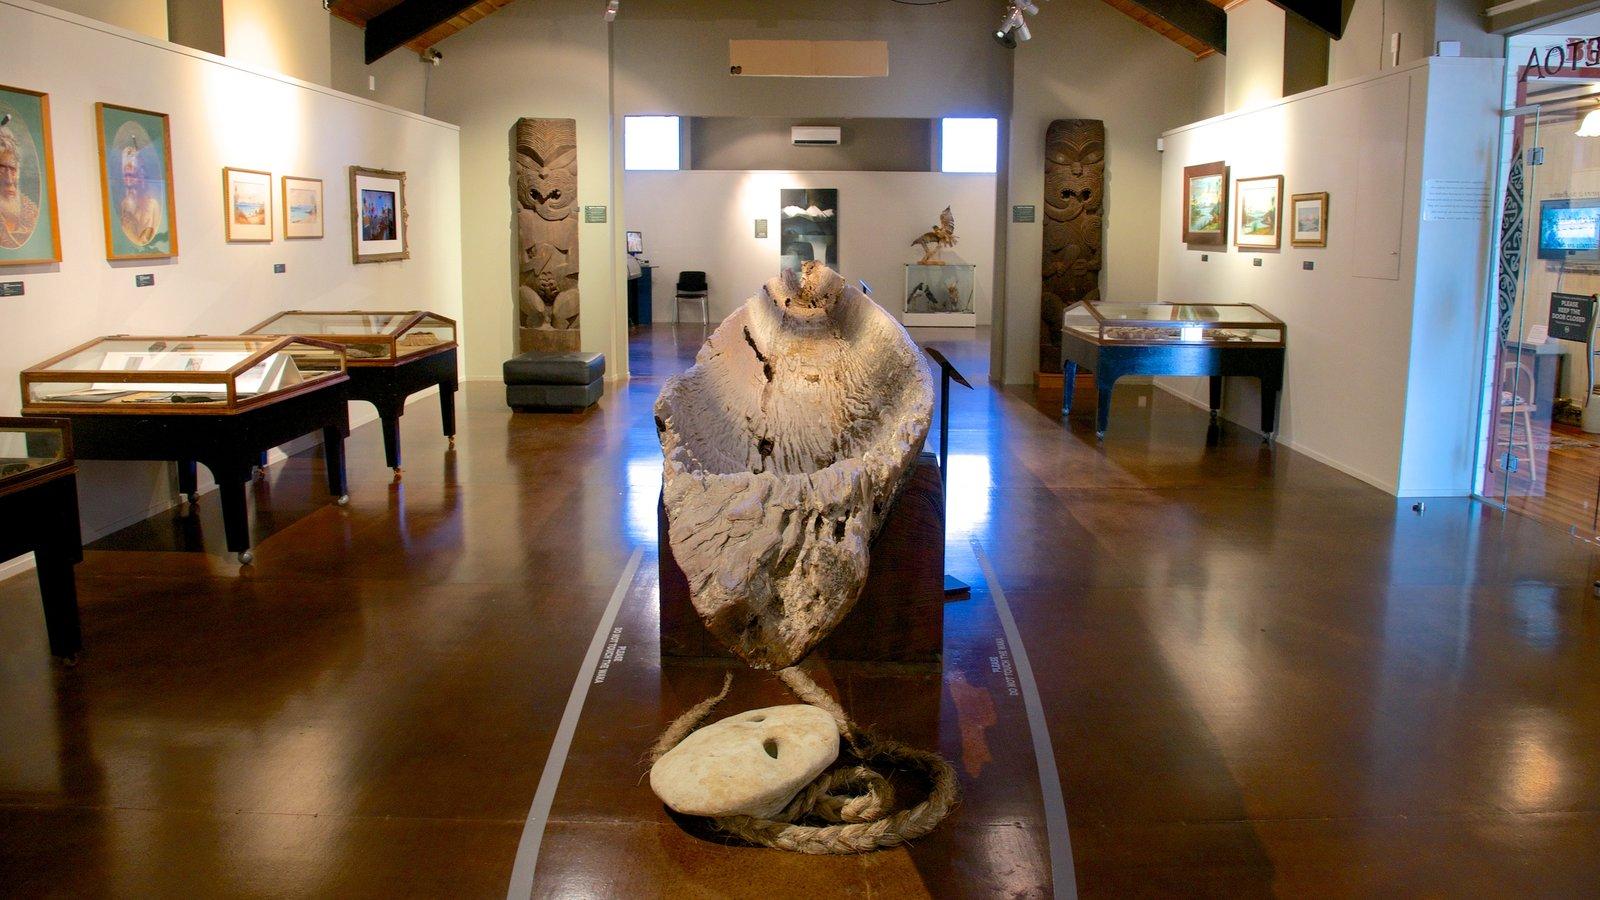 Lake Taupo Museum and Art Gallery mostrando vistas internas